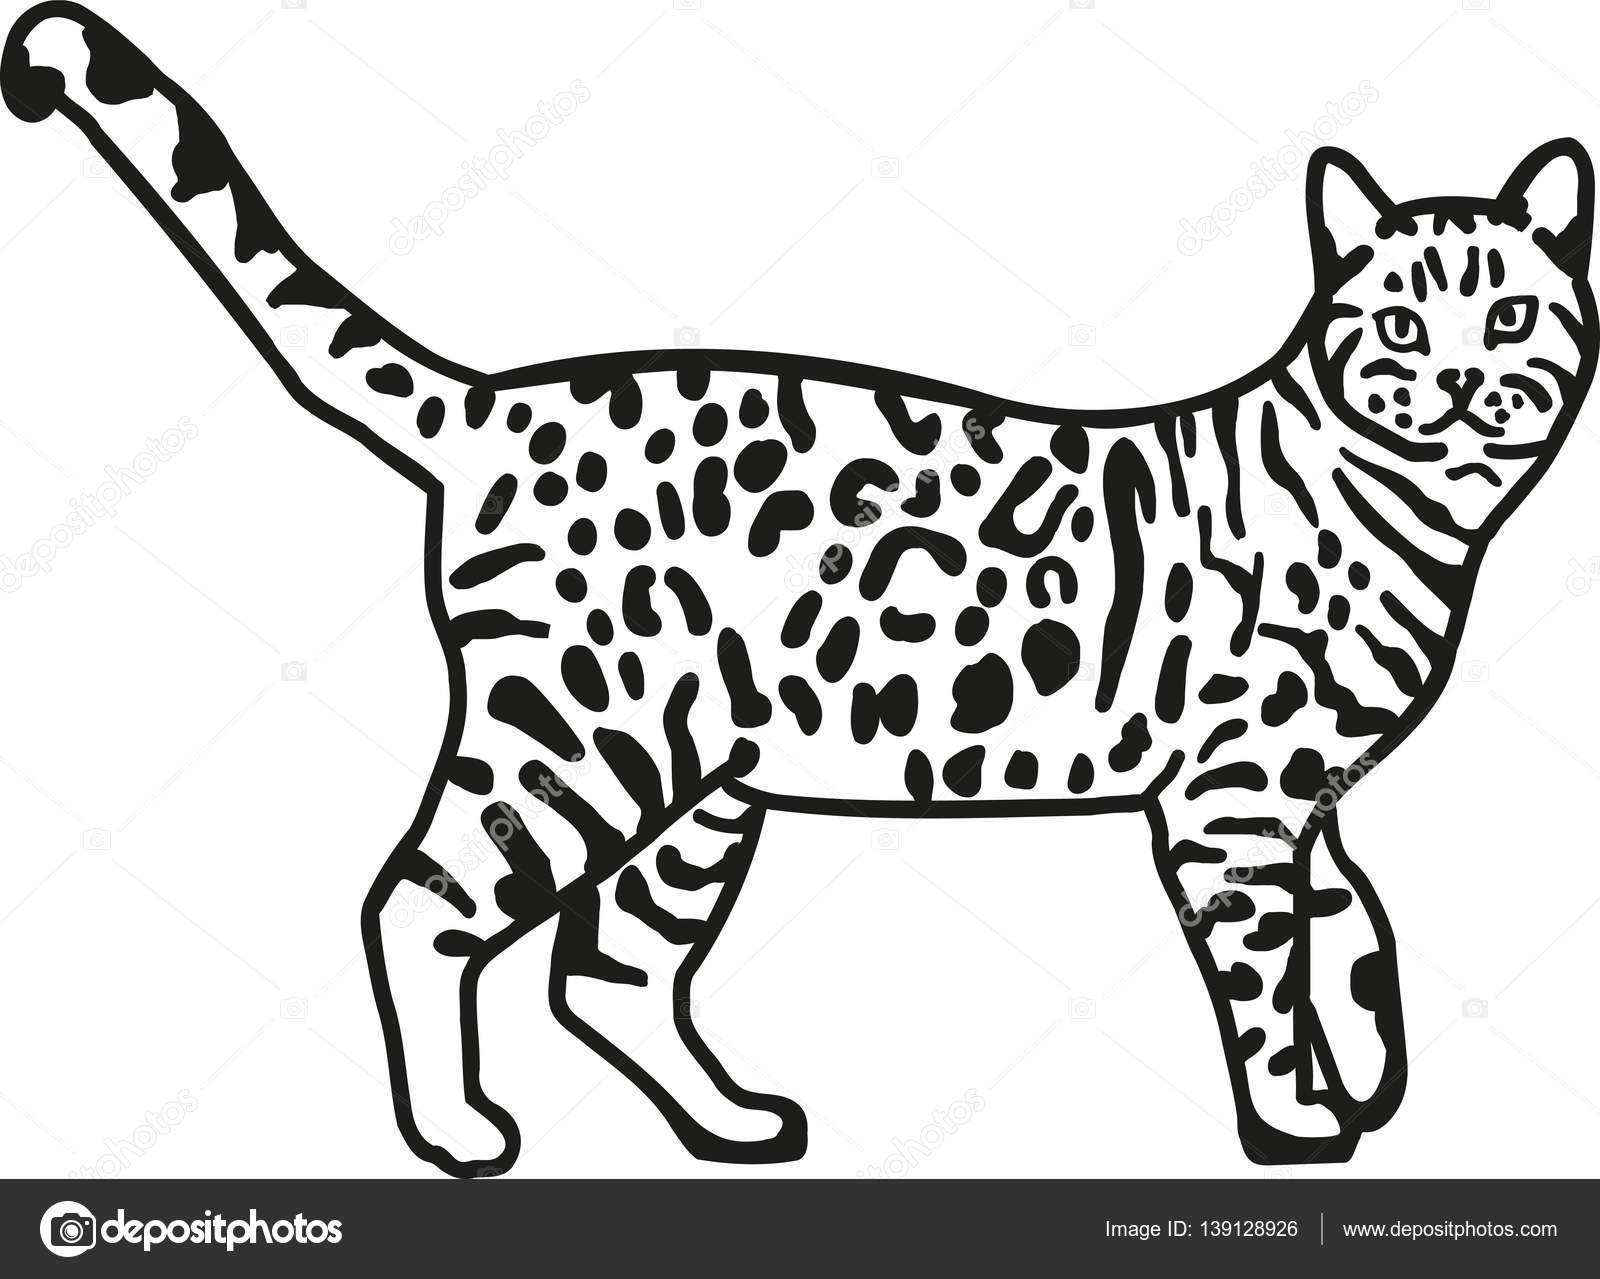 делают бенгальский кот картинки раскраски наличии заказ